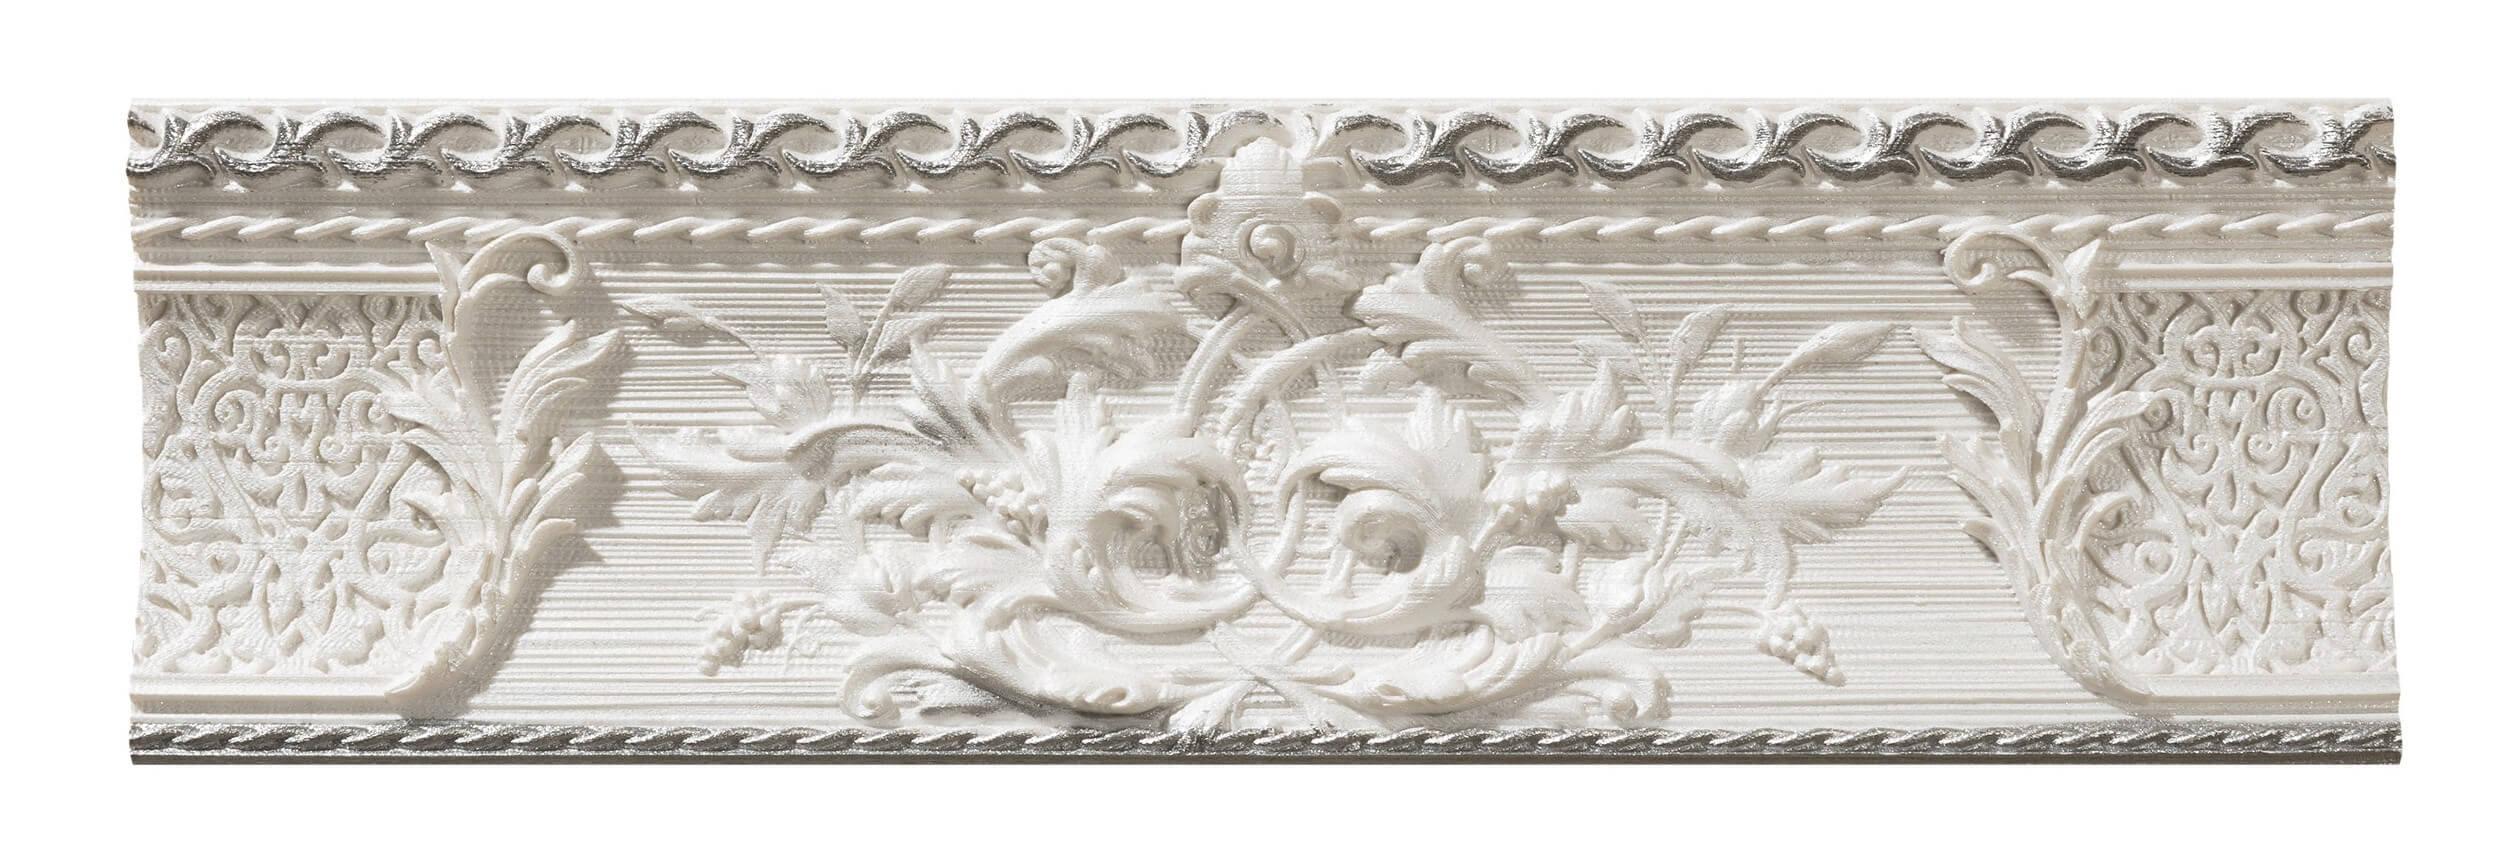 Бордюр Azulev List Delice Decoro Blanco 9x29 бордюр adex neri relieve clasico blanco z 7 5x15